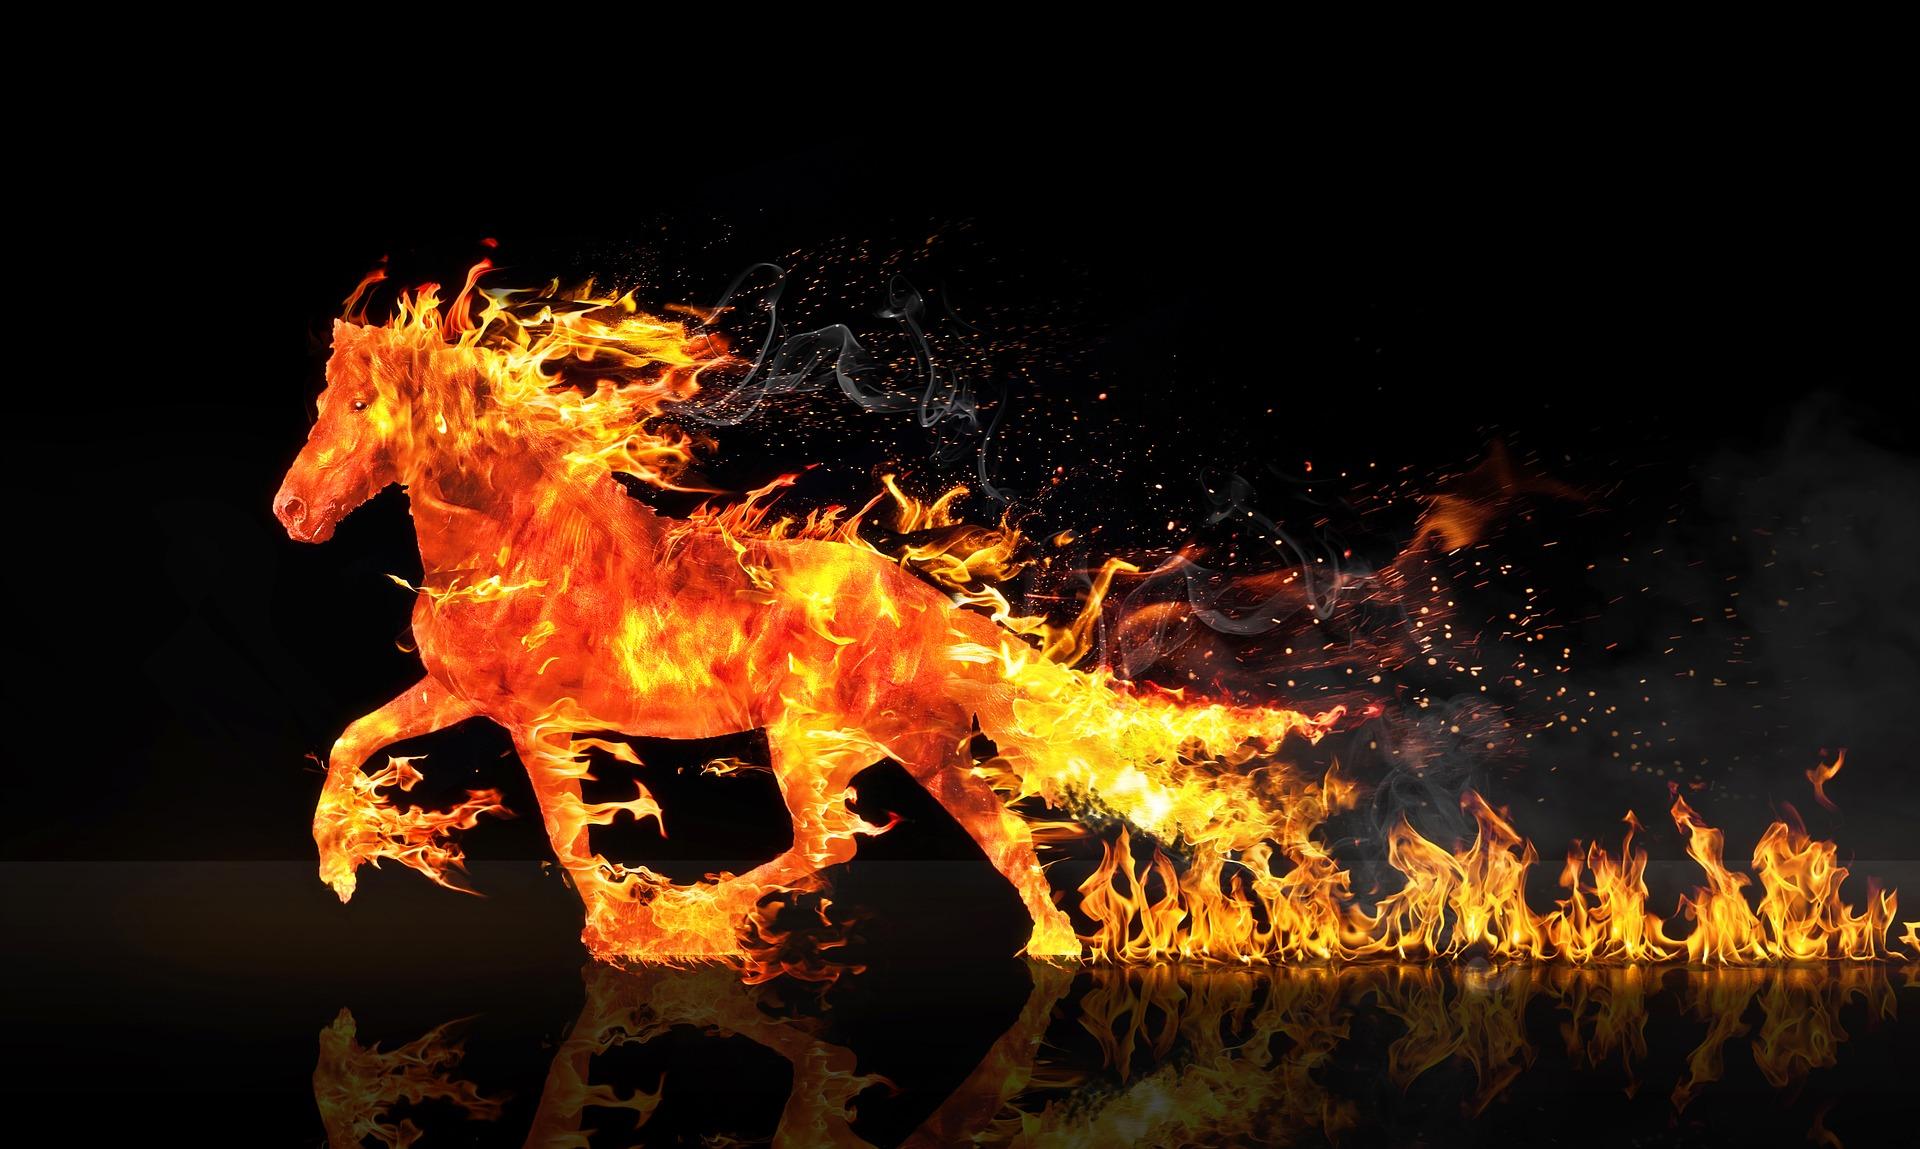 fire-horse-2492947_1920